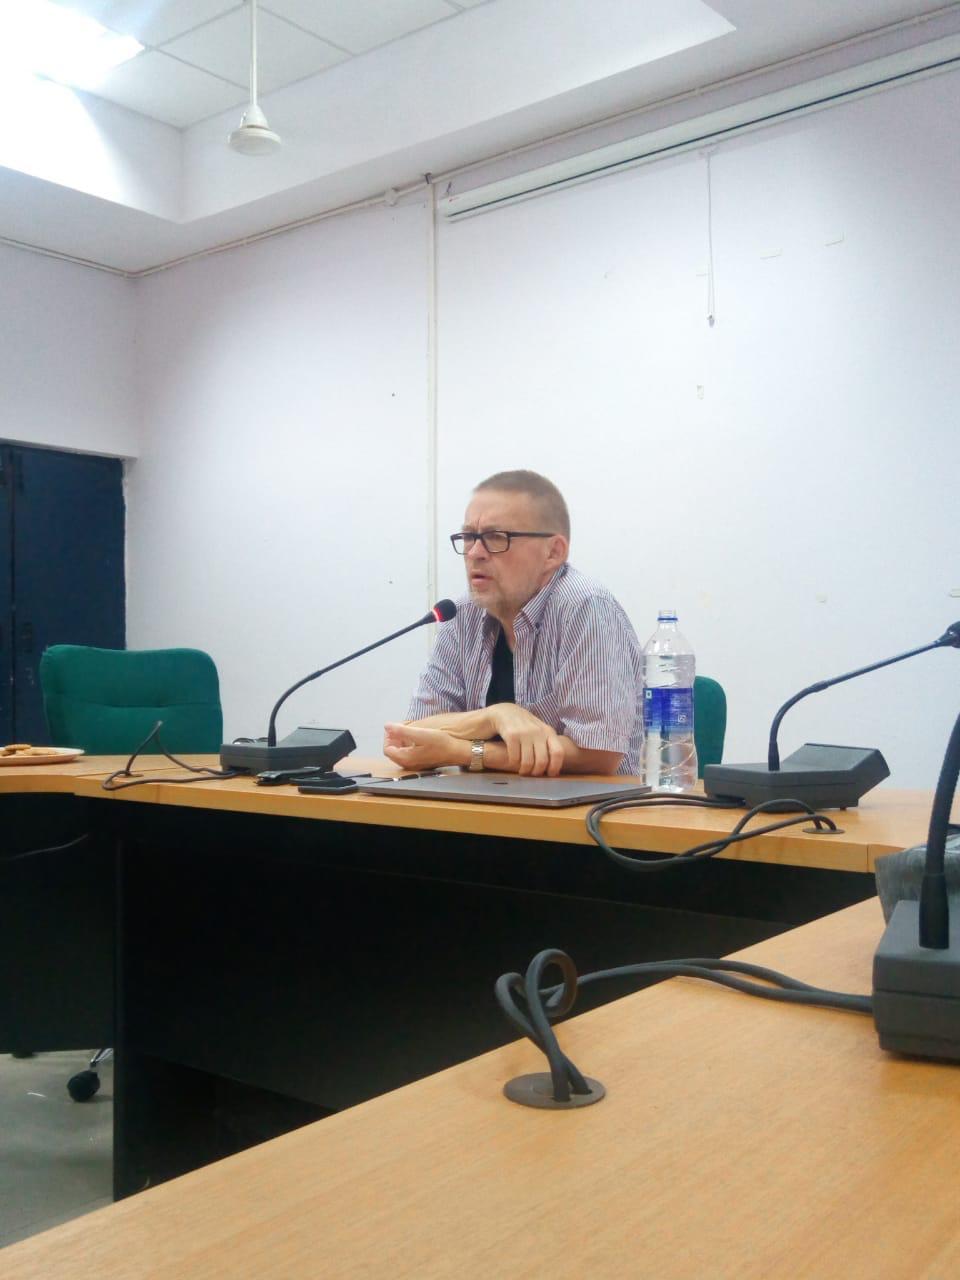 author speaking at JNU